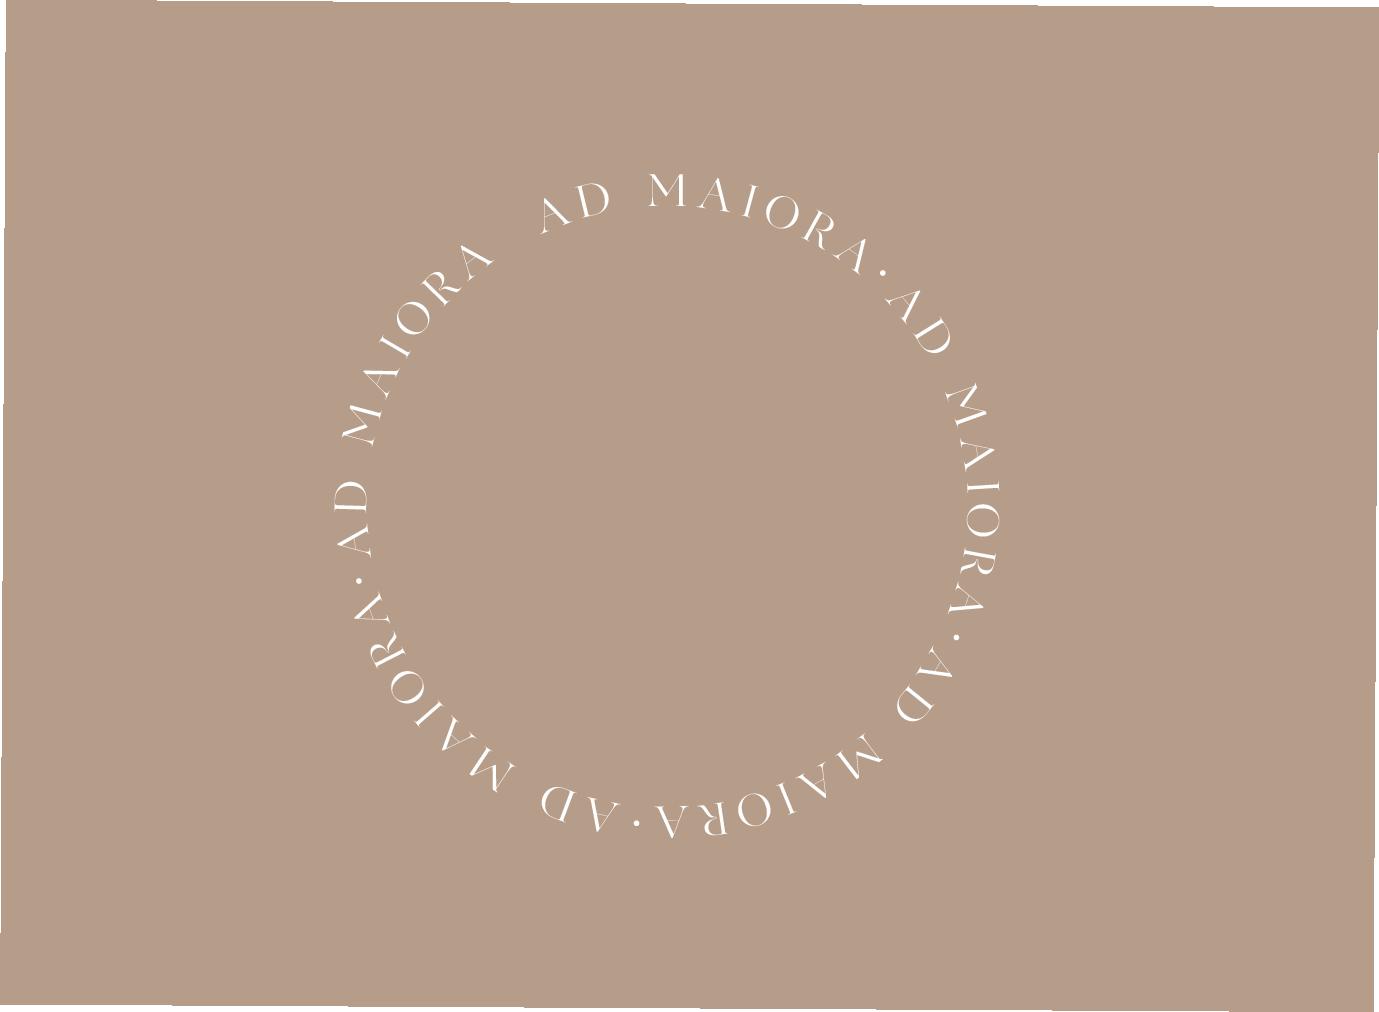 IDENTITE VISUELLE - STUDIO QUOTIDIEN - AD MAIORA